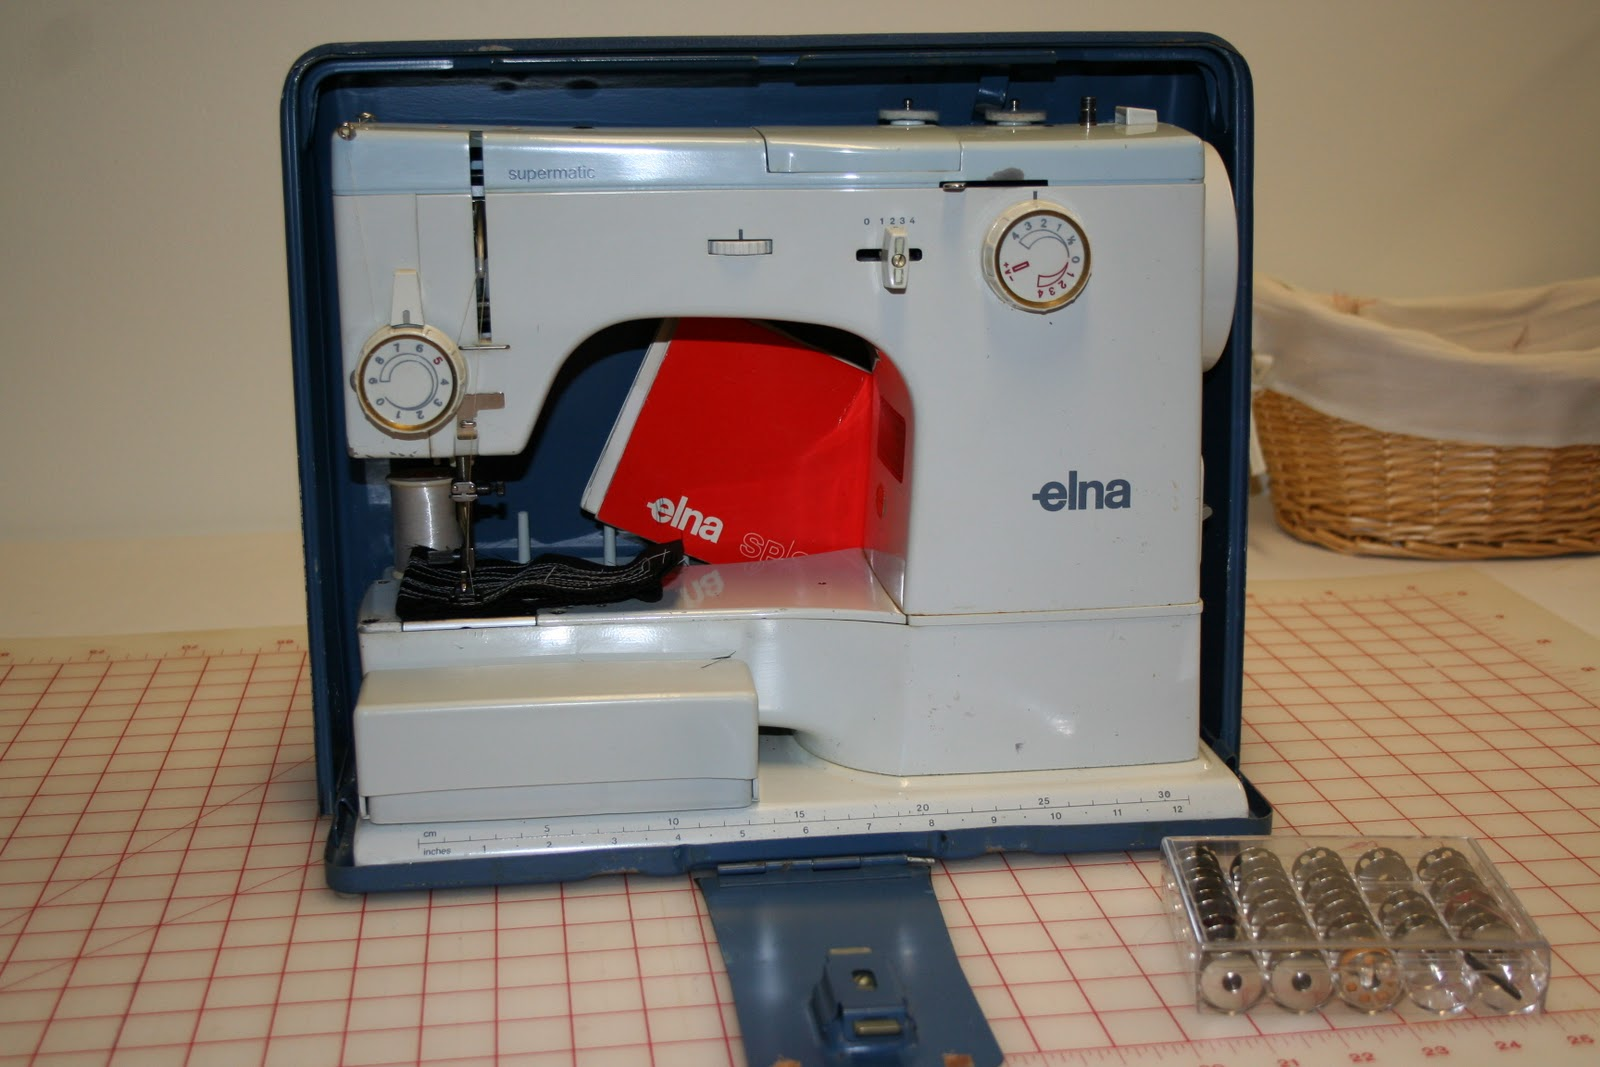 tammy s craft emporium 1970s elna supermatic sewing machine ella rh tammyscraftemporium blogspot com elna supermatic sewing machine manual free elna supermatic sewing machine service manual